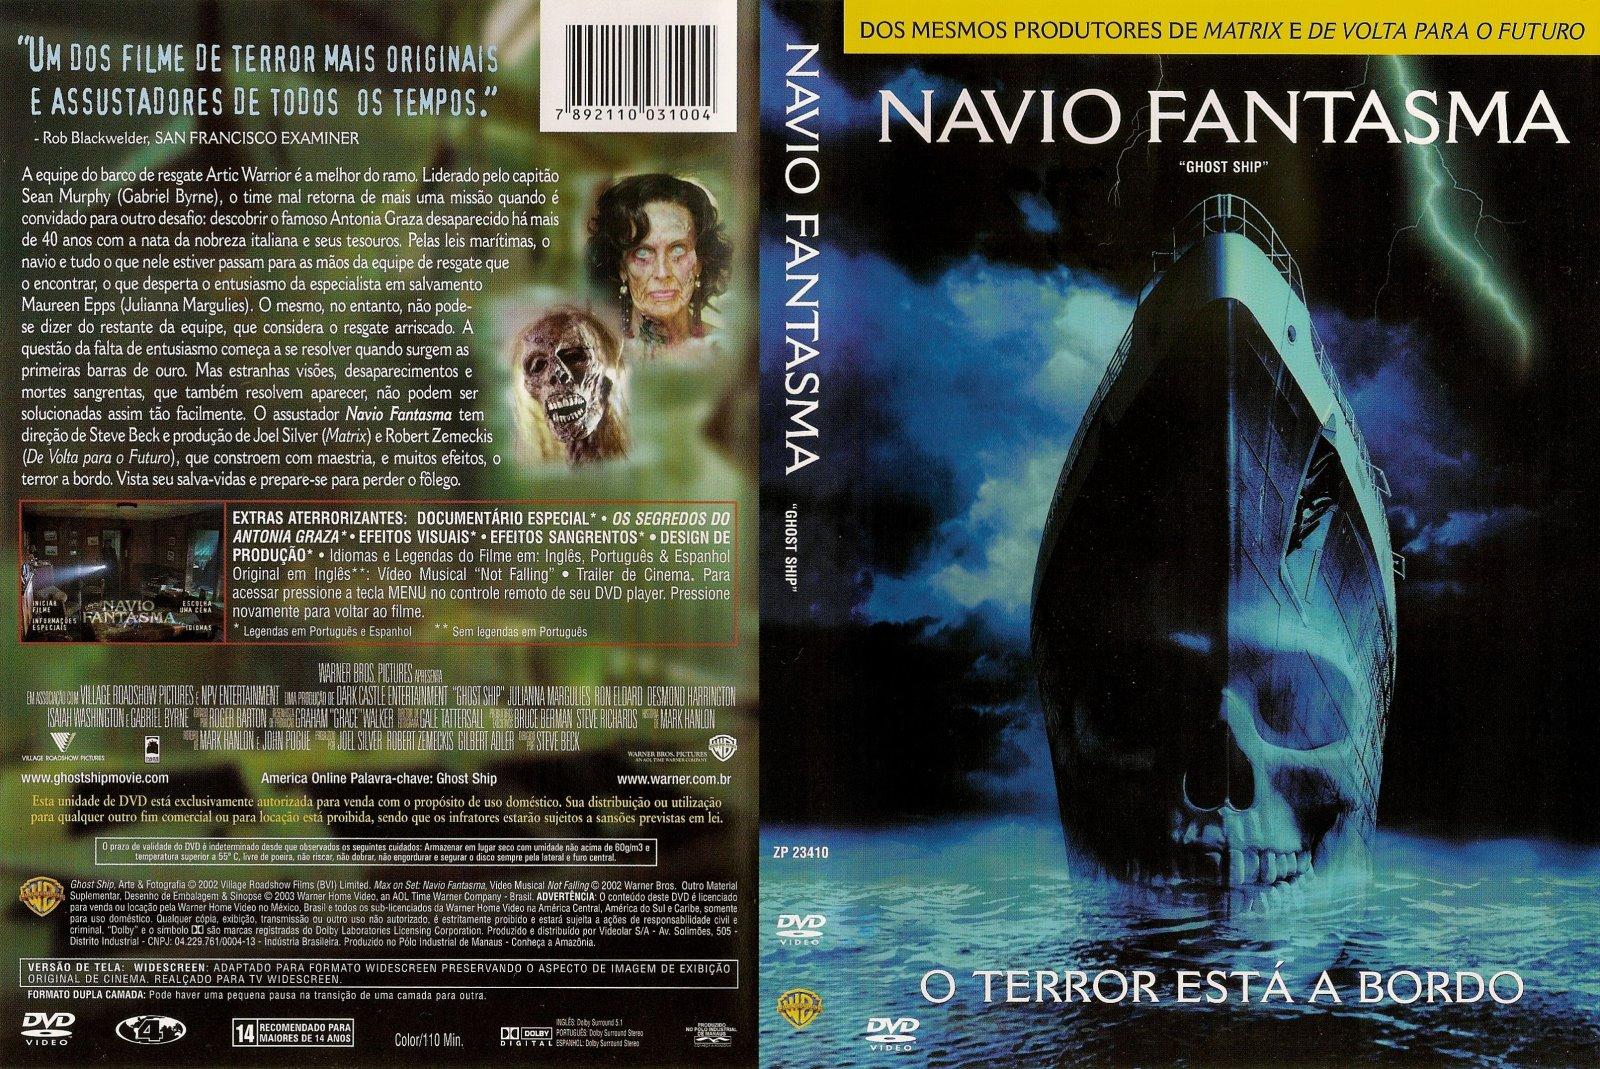 Download Navio Fantasma DVD-R NAVIO FANTASMA